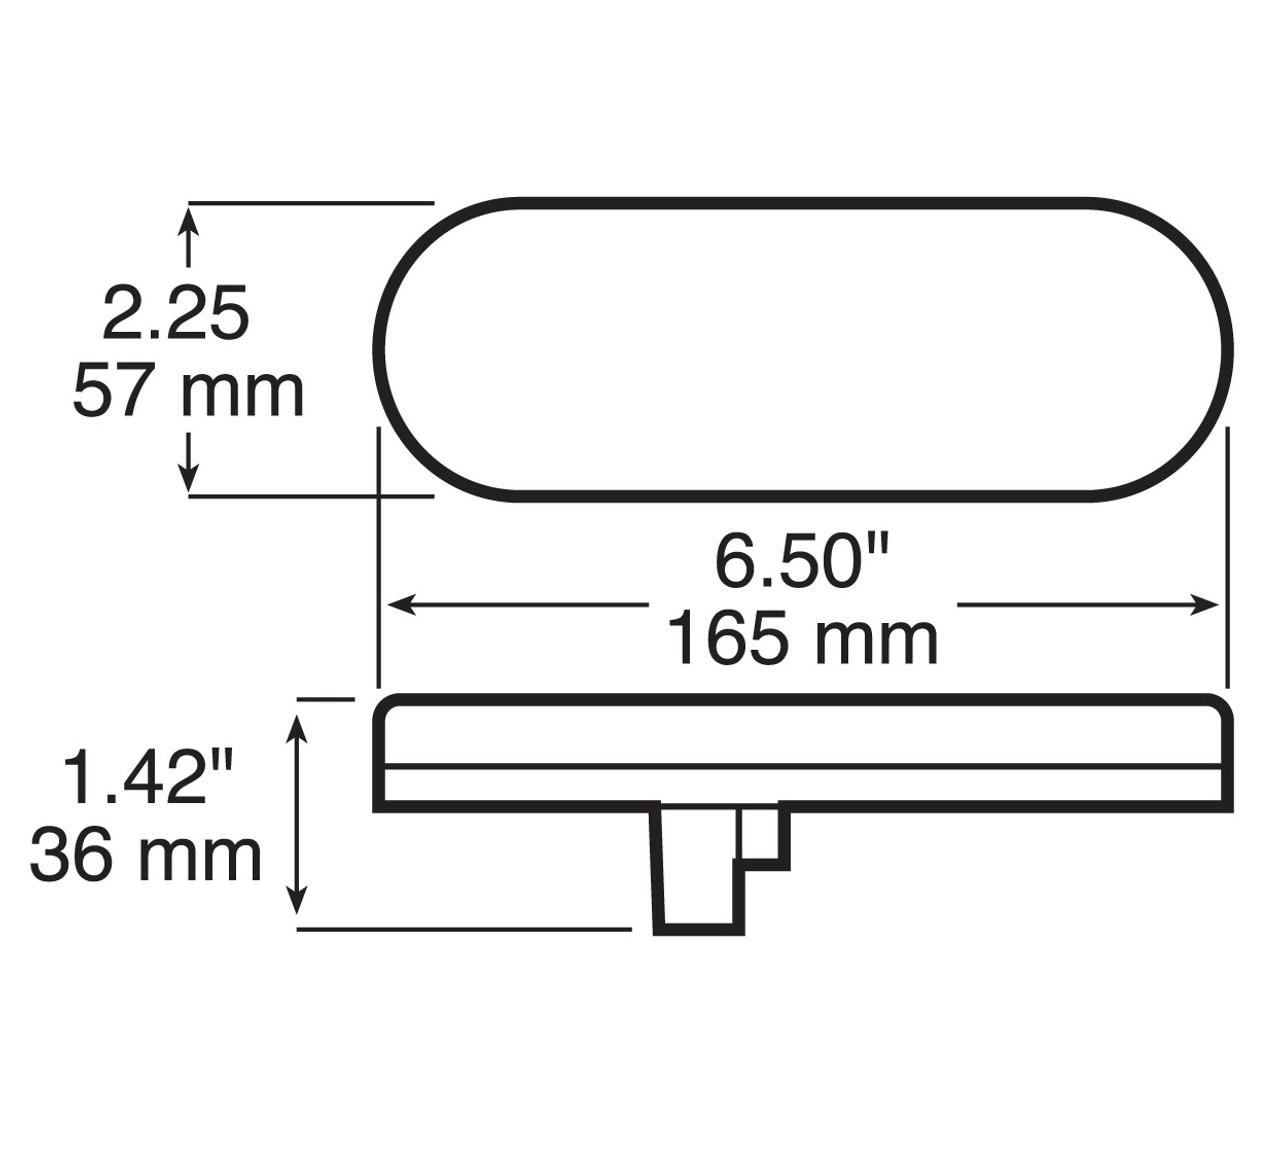 LED416CBU7 --- Oval Sealed LED Back Up Light